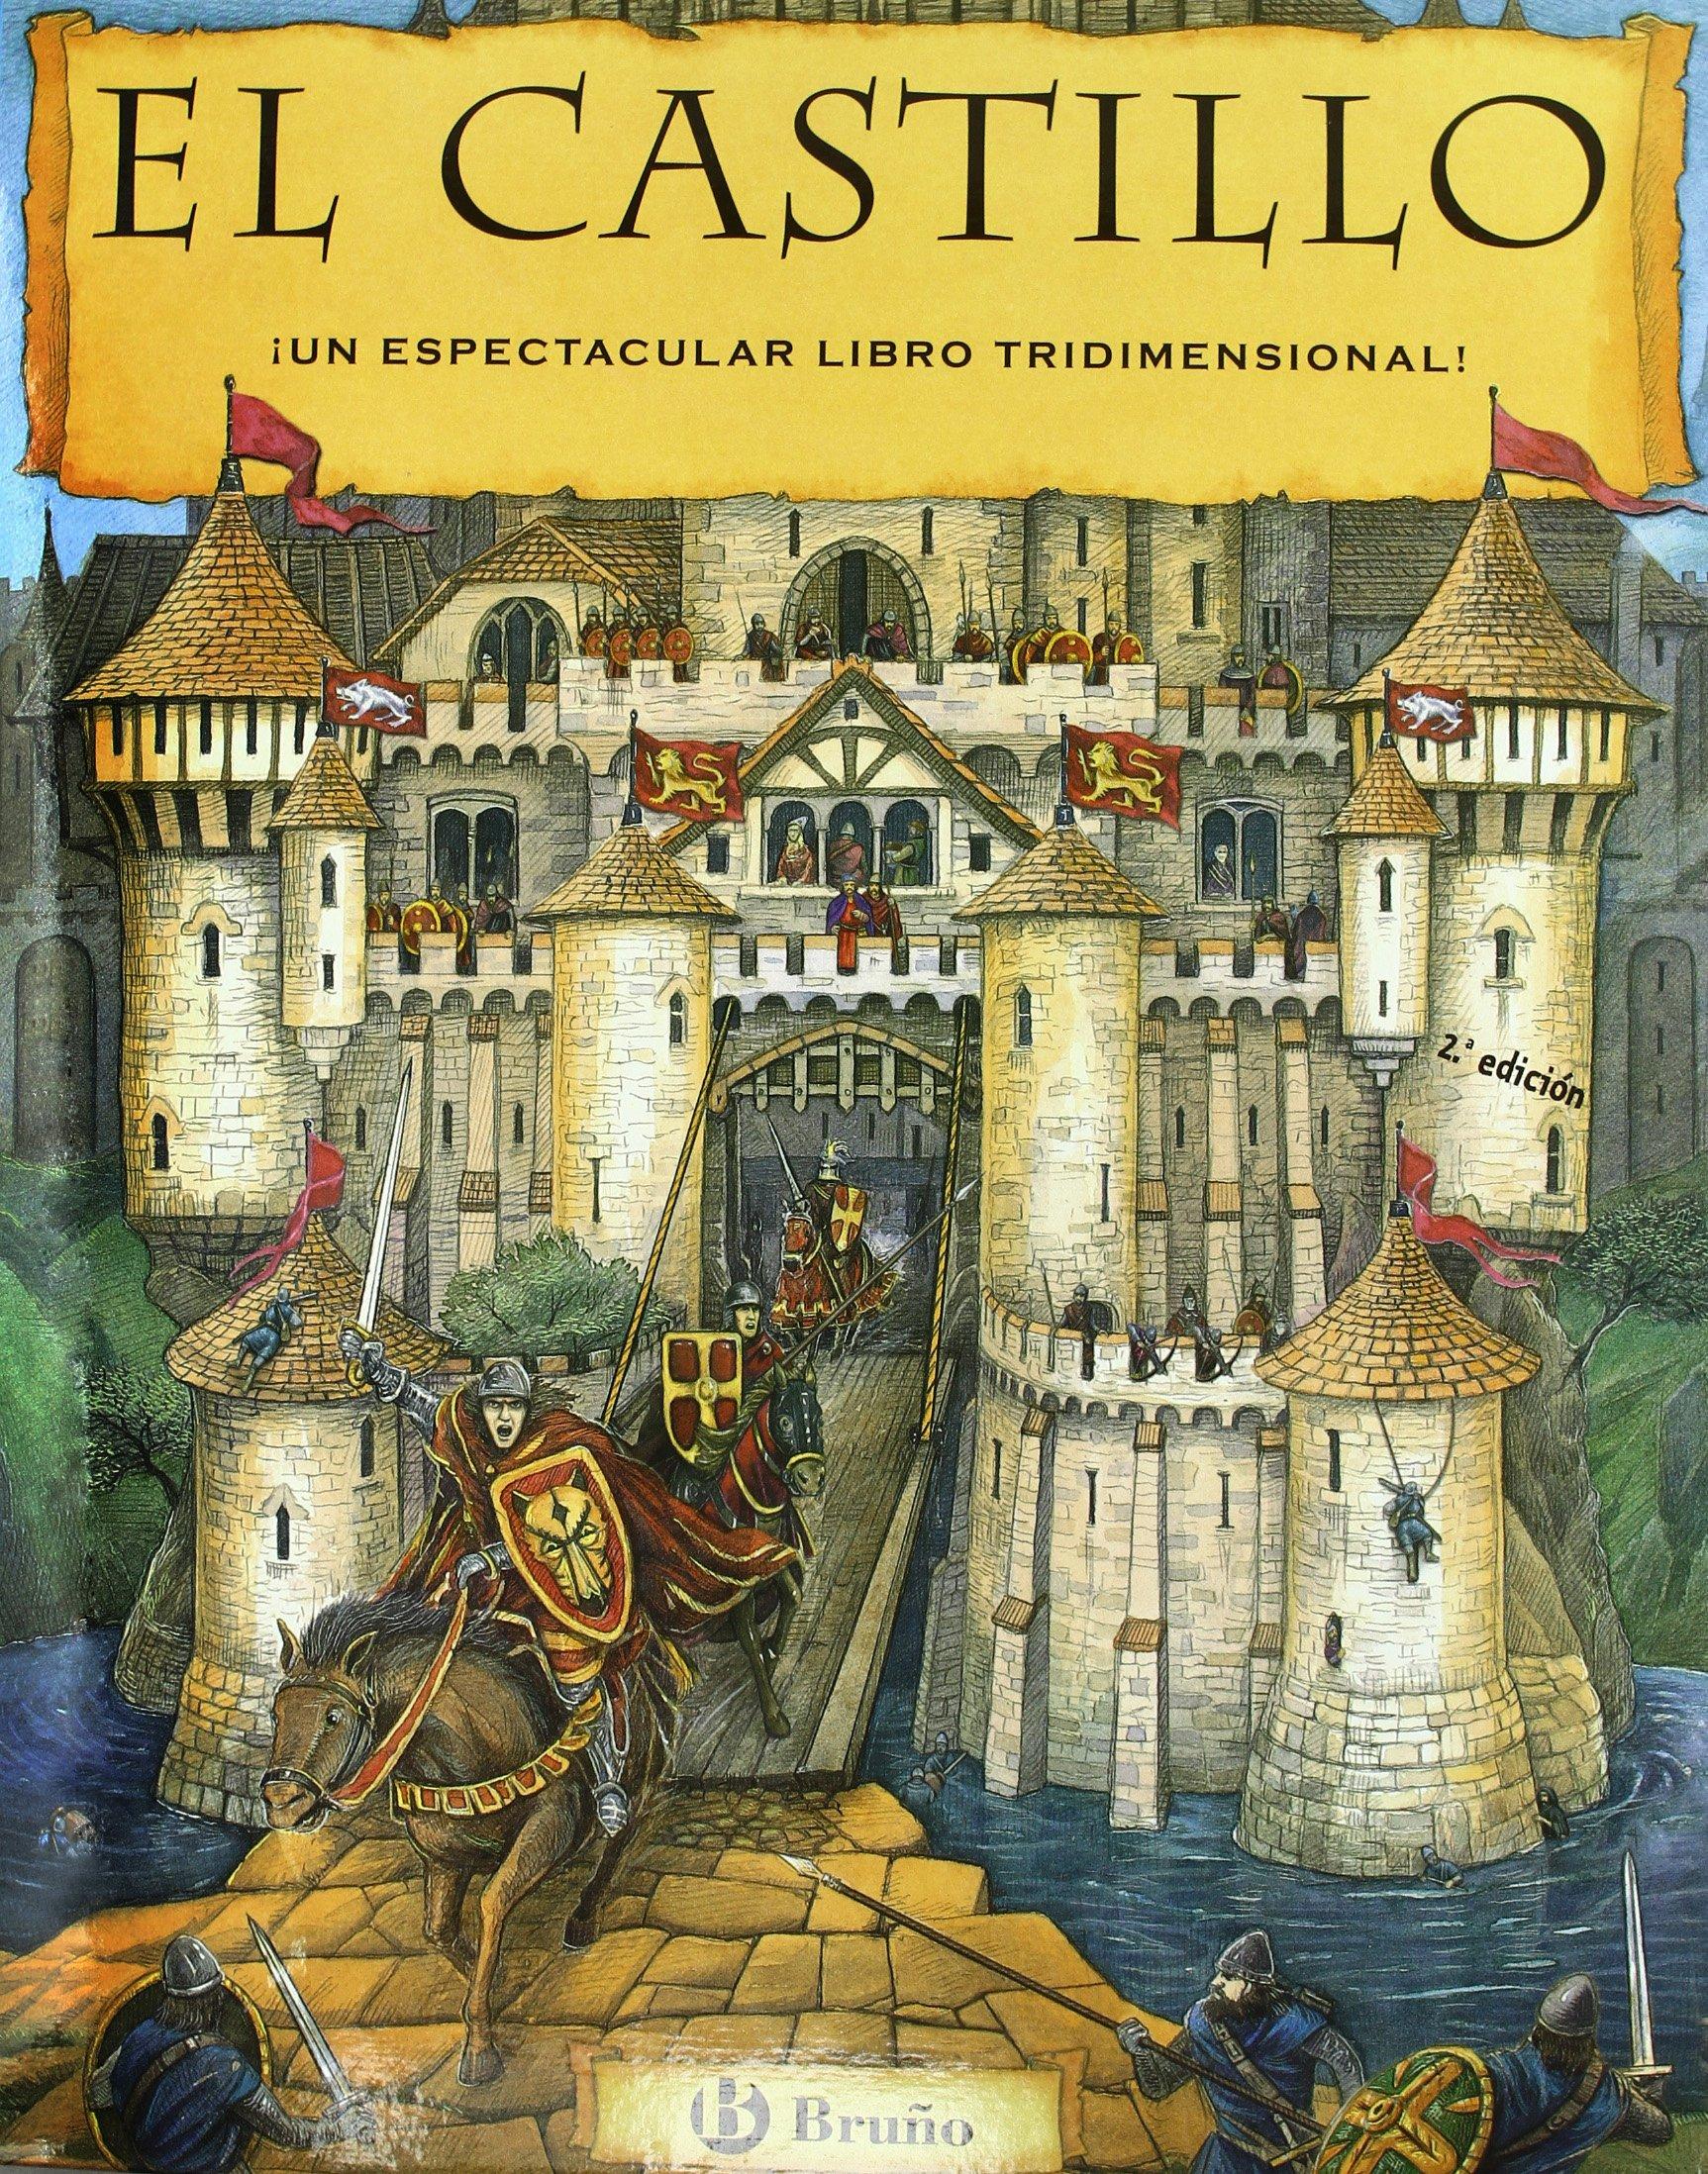 El castillo: ¡Un espectacular libro tridimensional! Castellano - Bruño - Pop-Up - Pop-Up: Amazon.es: Crosbie, Duncan, Lee, Brian, Tardón Sanchez, Virtudes: Libros